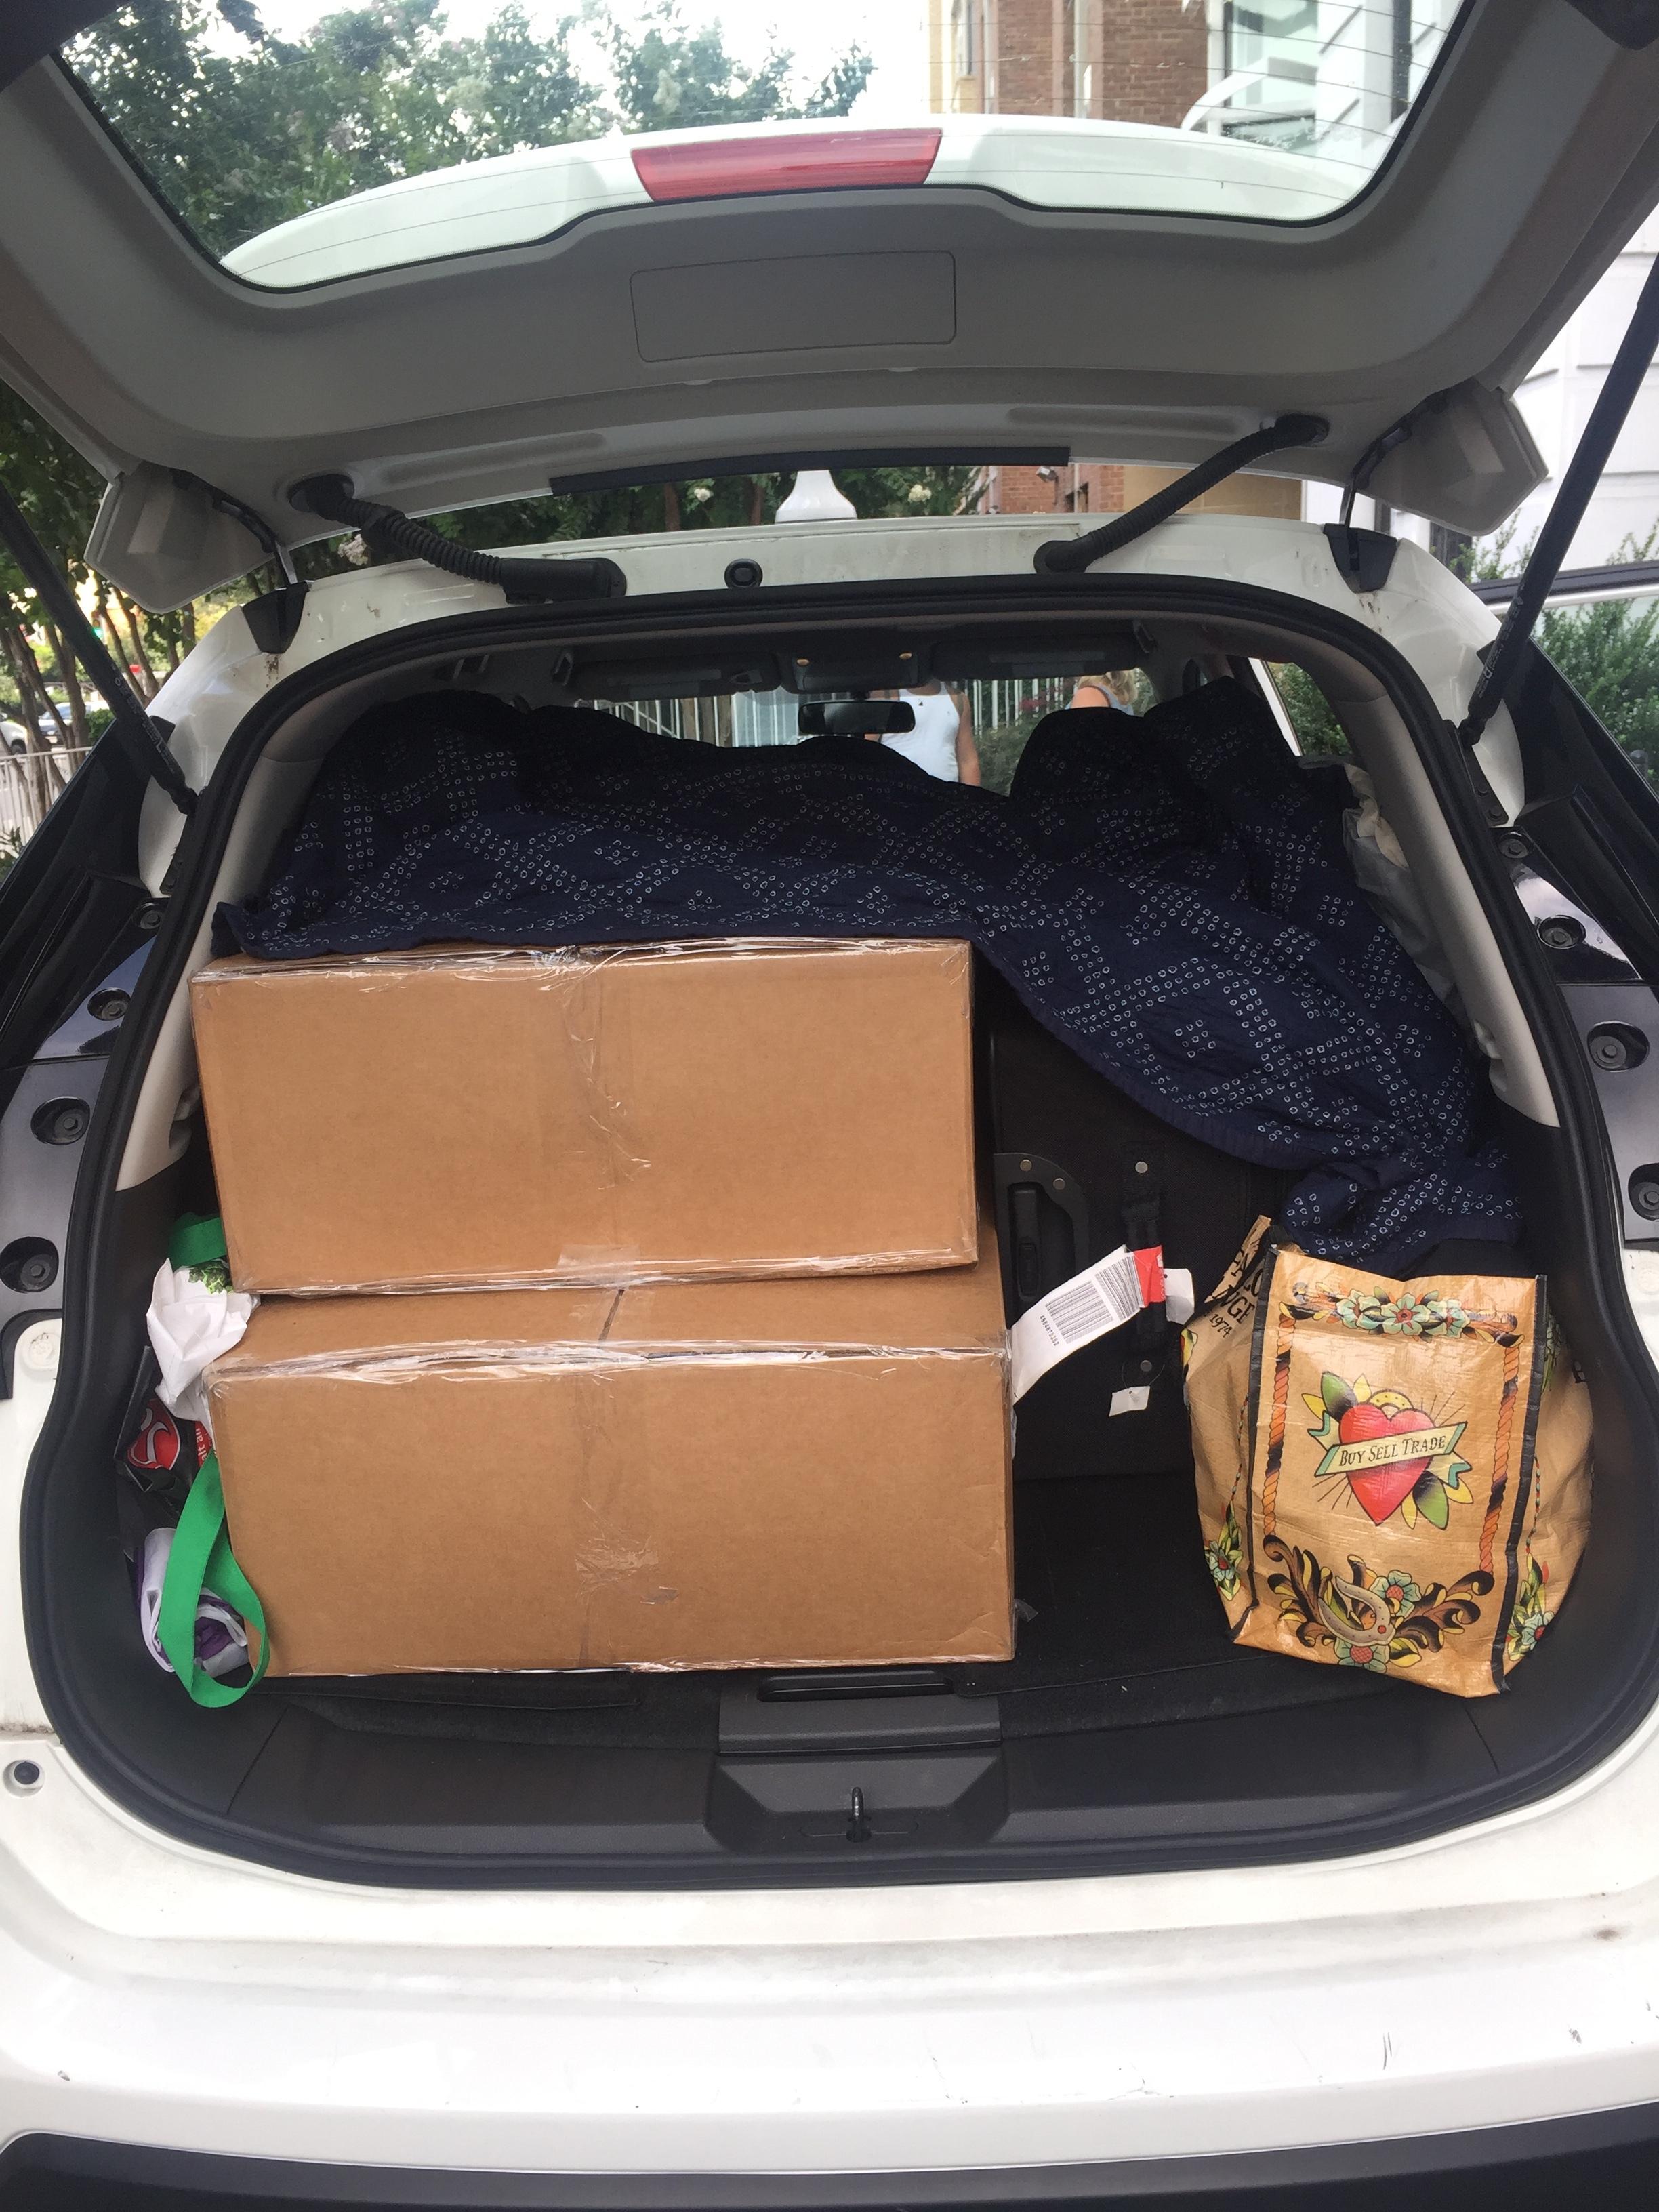 Road Trip ReadyP.S. The mattress didn't fit :( -